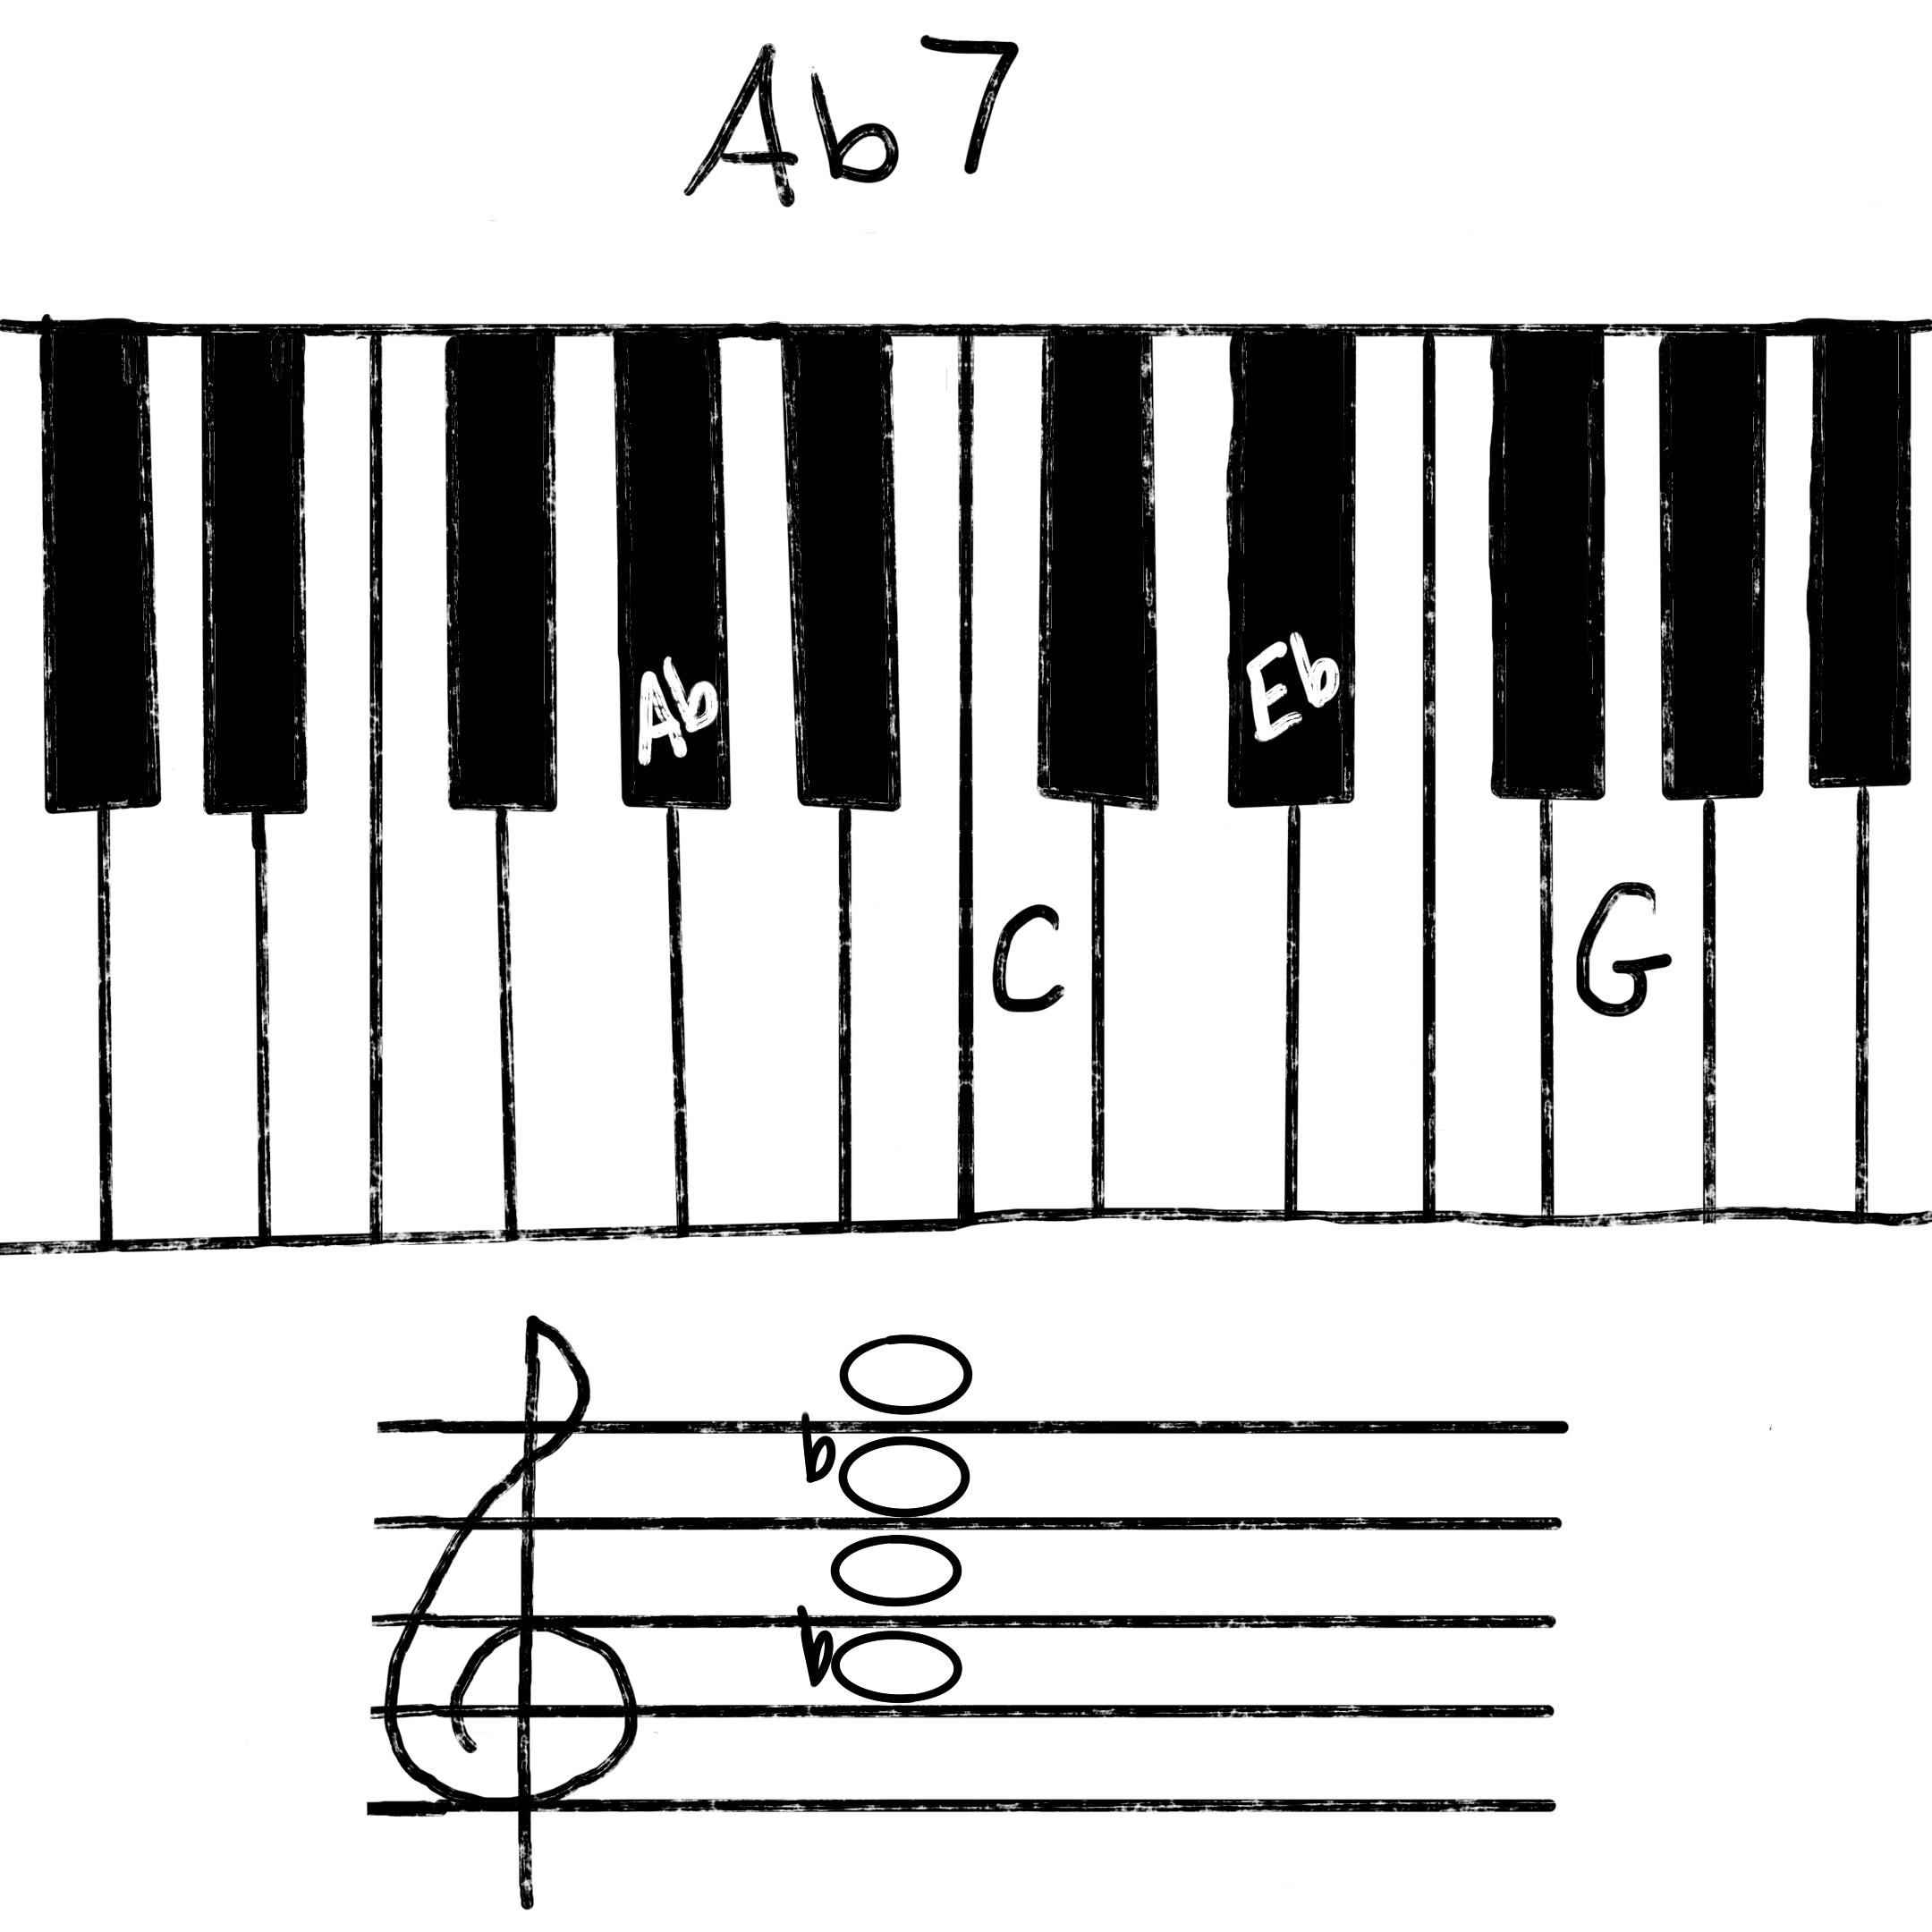 Ab7 chord